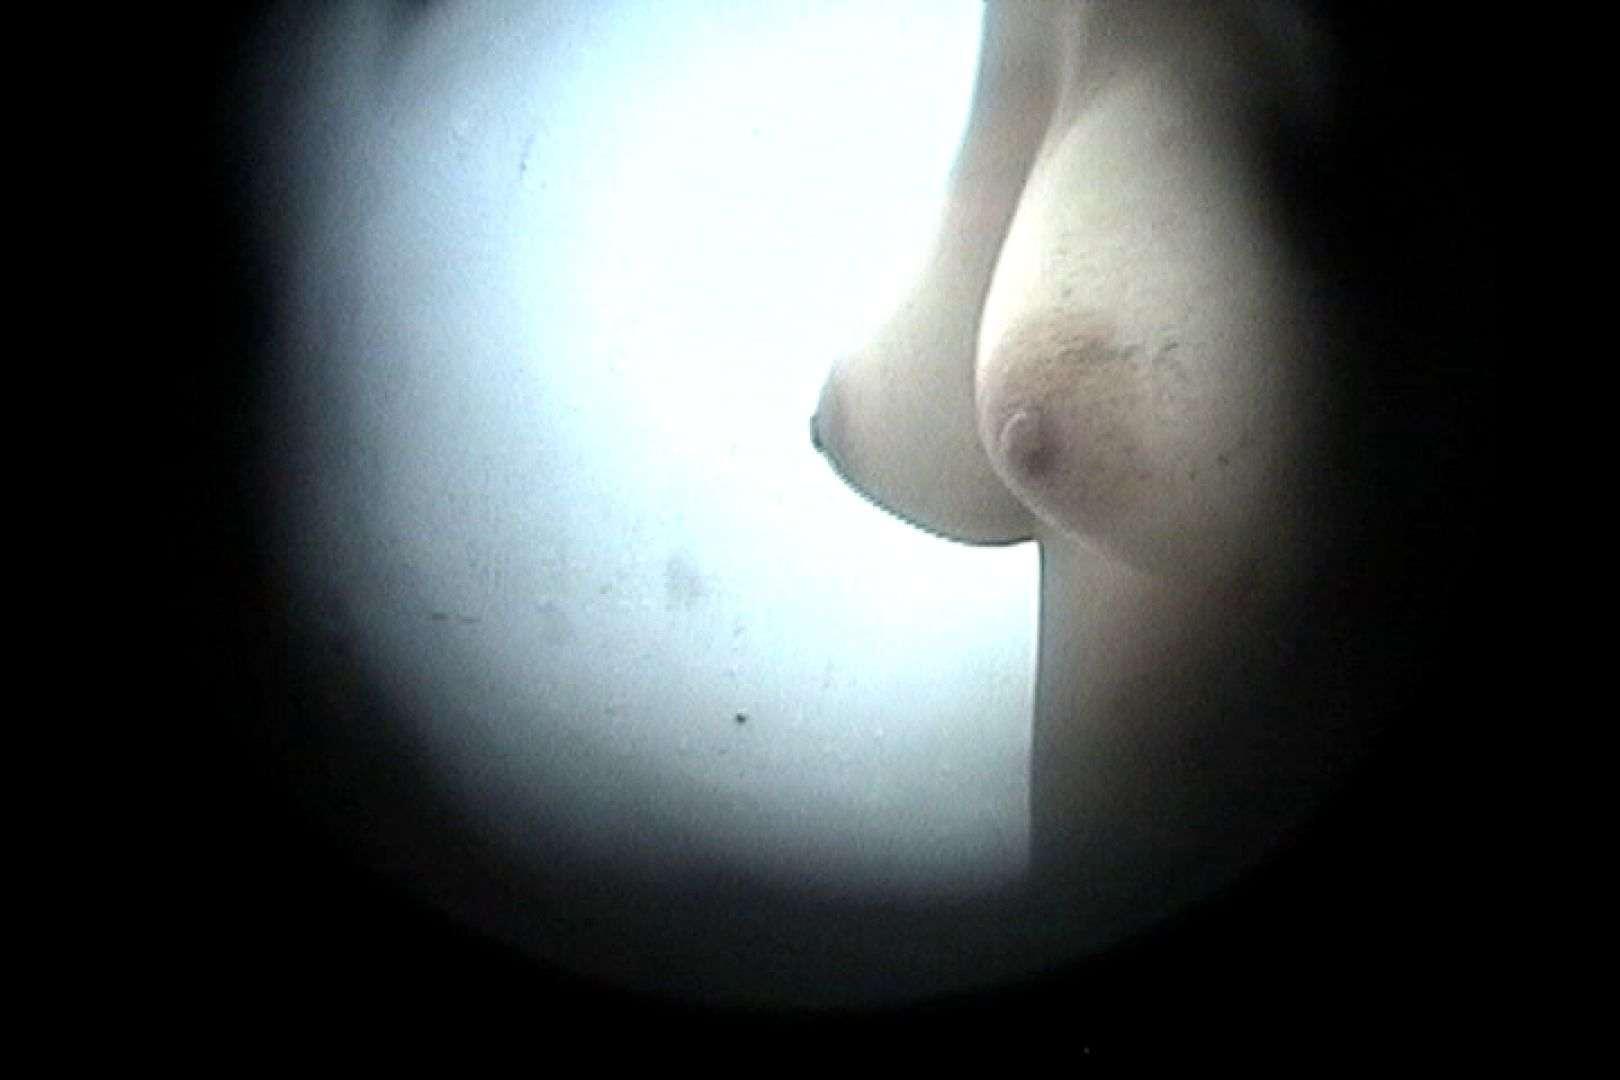 巨乳 乳首:No.46 マシュマロ巨乳が目の前でプルプル:怪盗ジョーカー